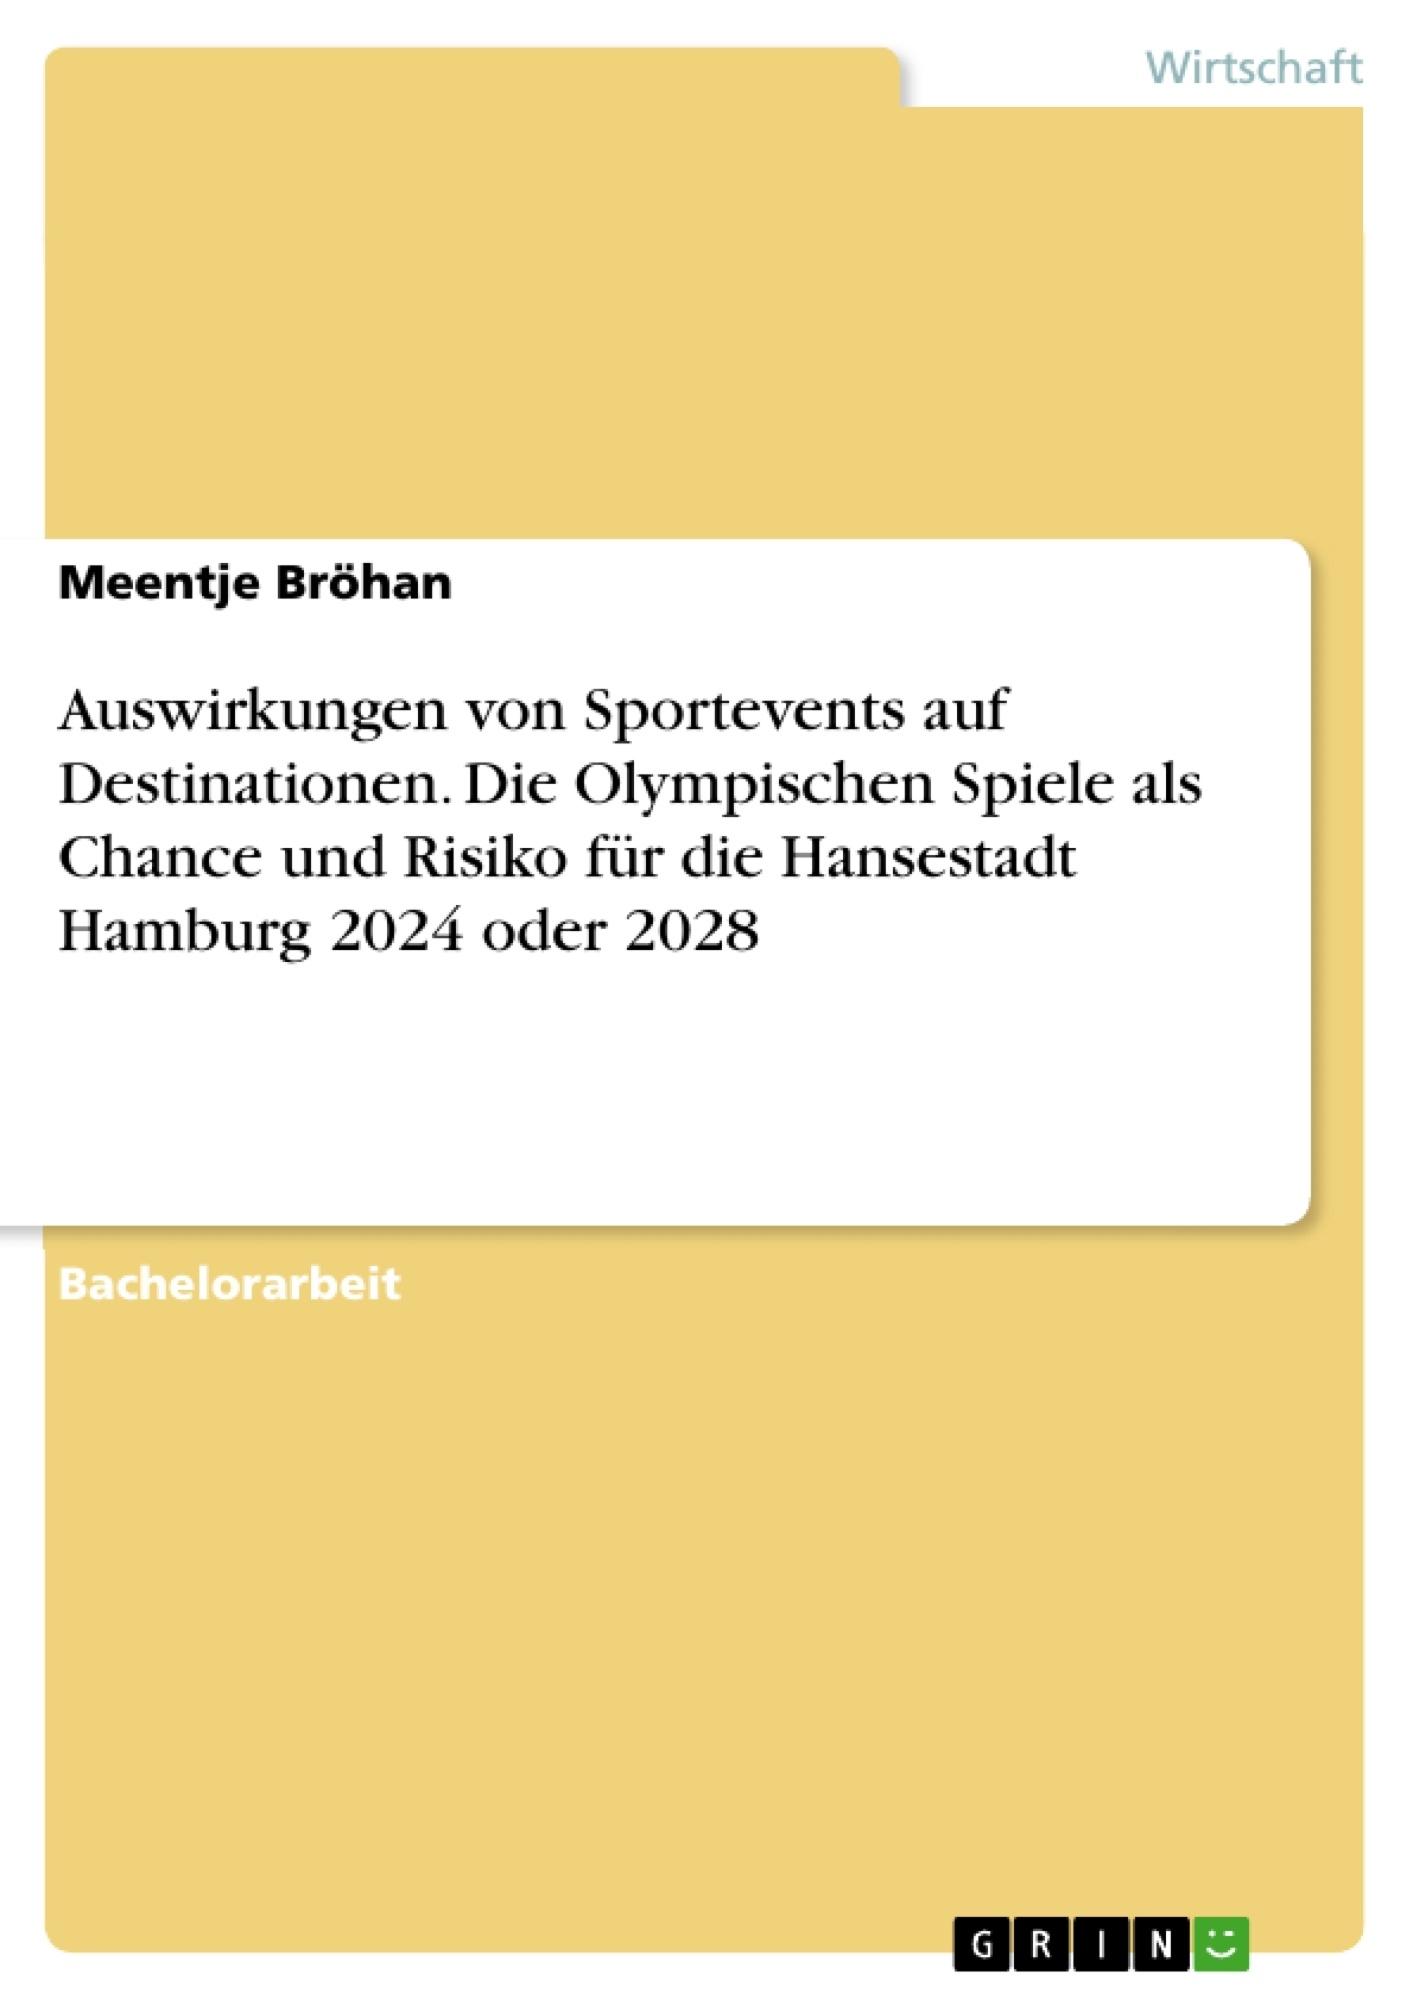 Titel: Auswirkungen von Sportevents auf Destinationen. Die Olympischen Spiele als Chance und Risiko für die Hansestadt Hamburg 2024 oder 2028